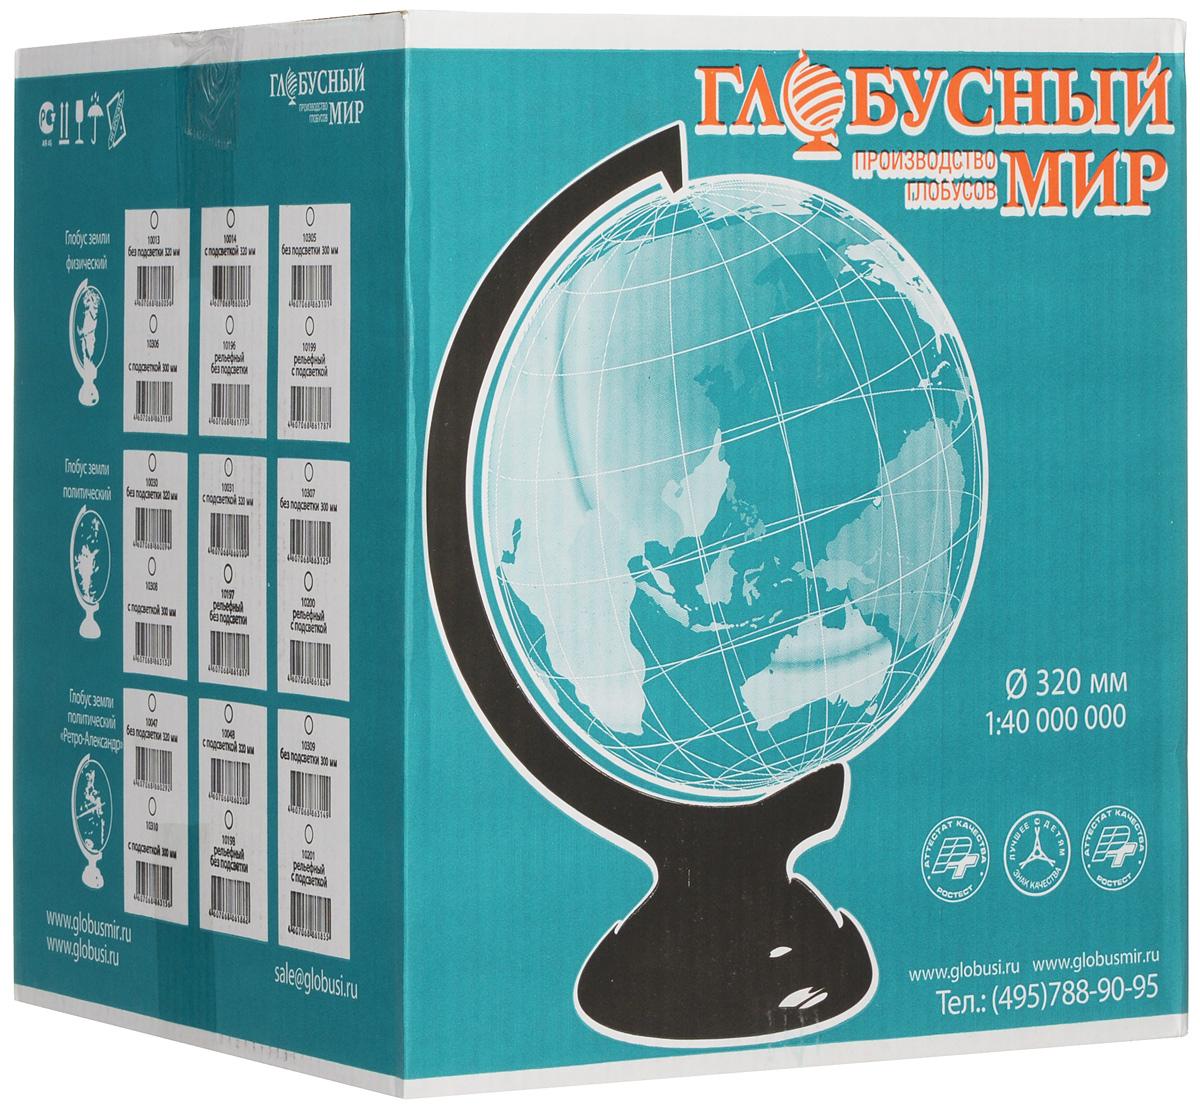 Глобусный мир Глобус с физической/политической картой мира рельефный диаметр 32 см с подсветкой Глобусный мир